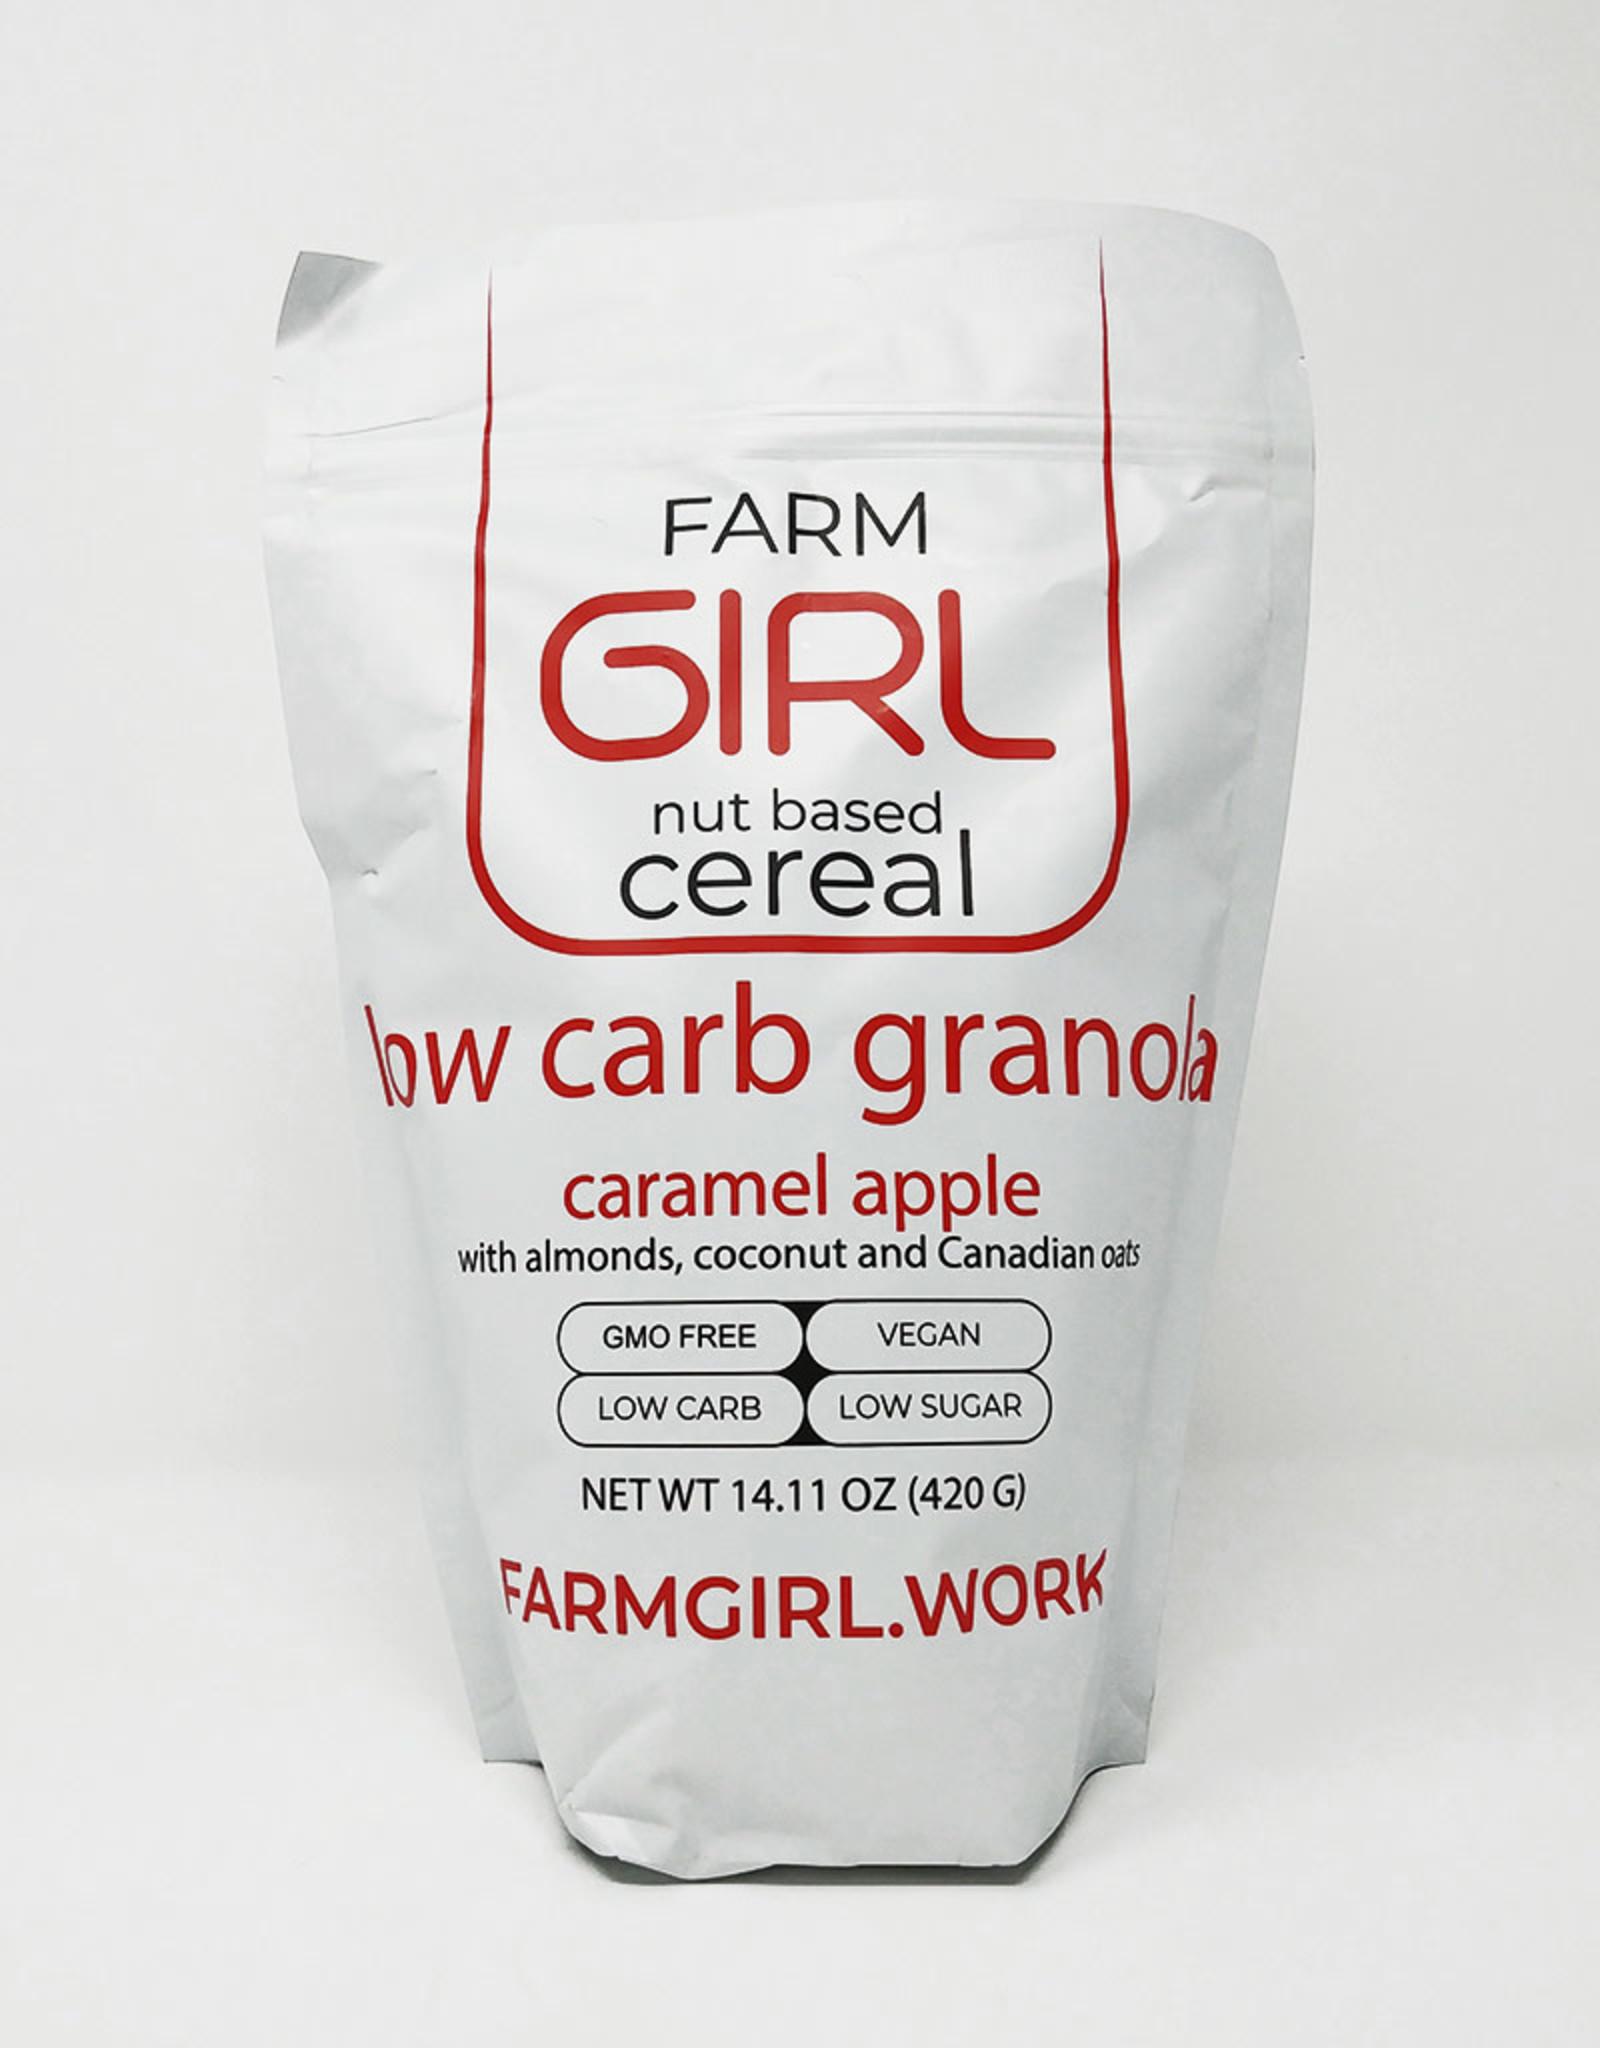 Farm Girl Farm Girl - Nut Based Cereal, Caramel Apple (300g)